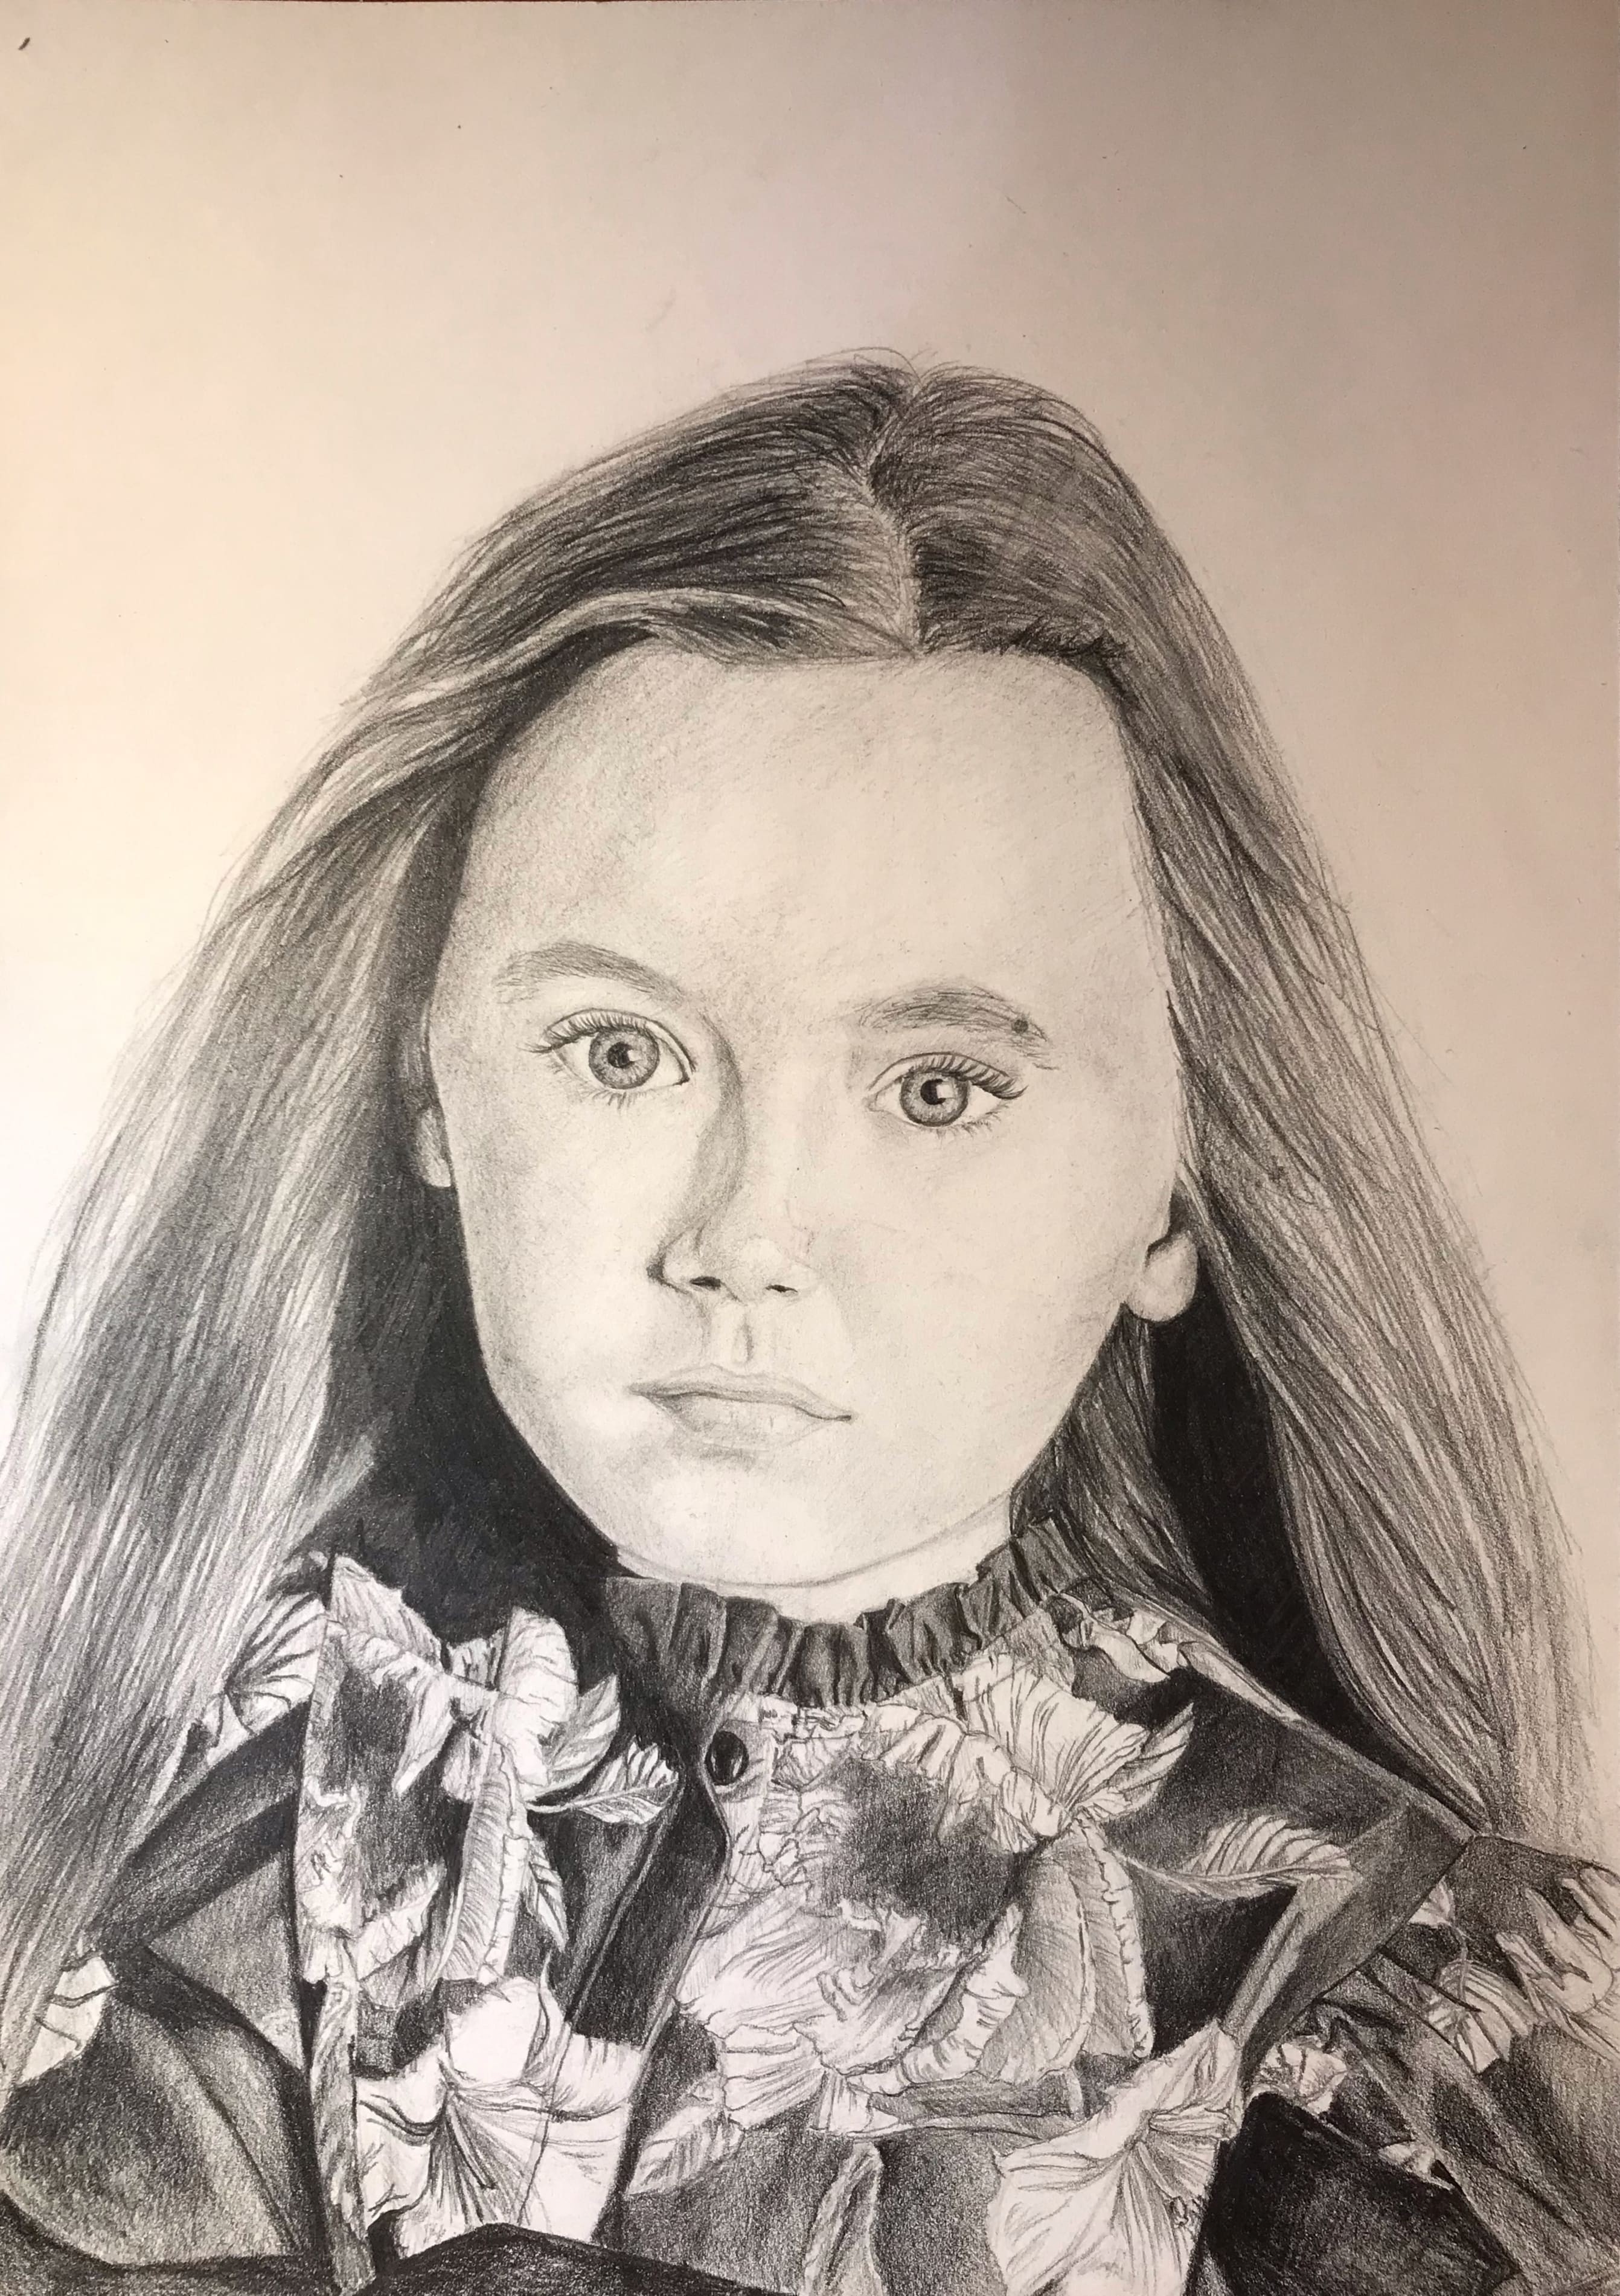 Анна Гутова, 13 лет